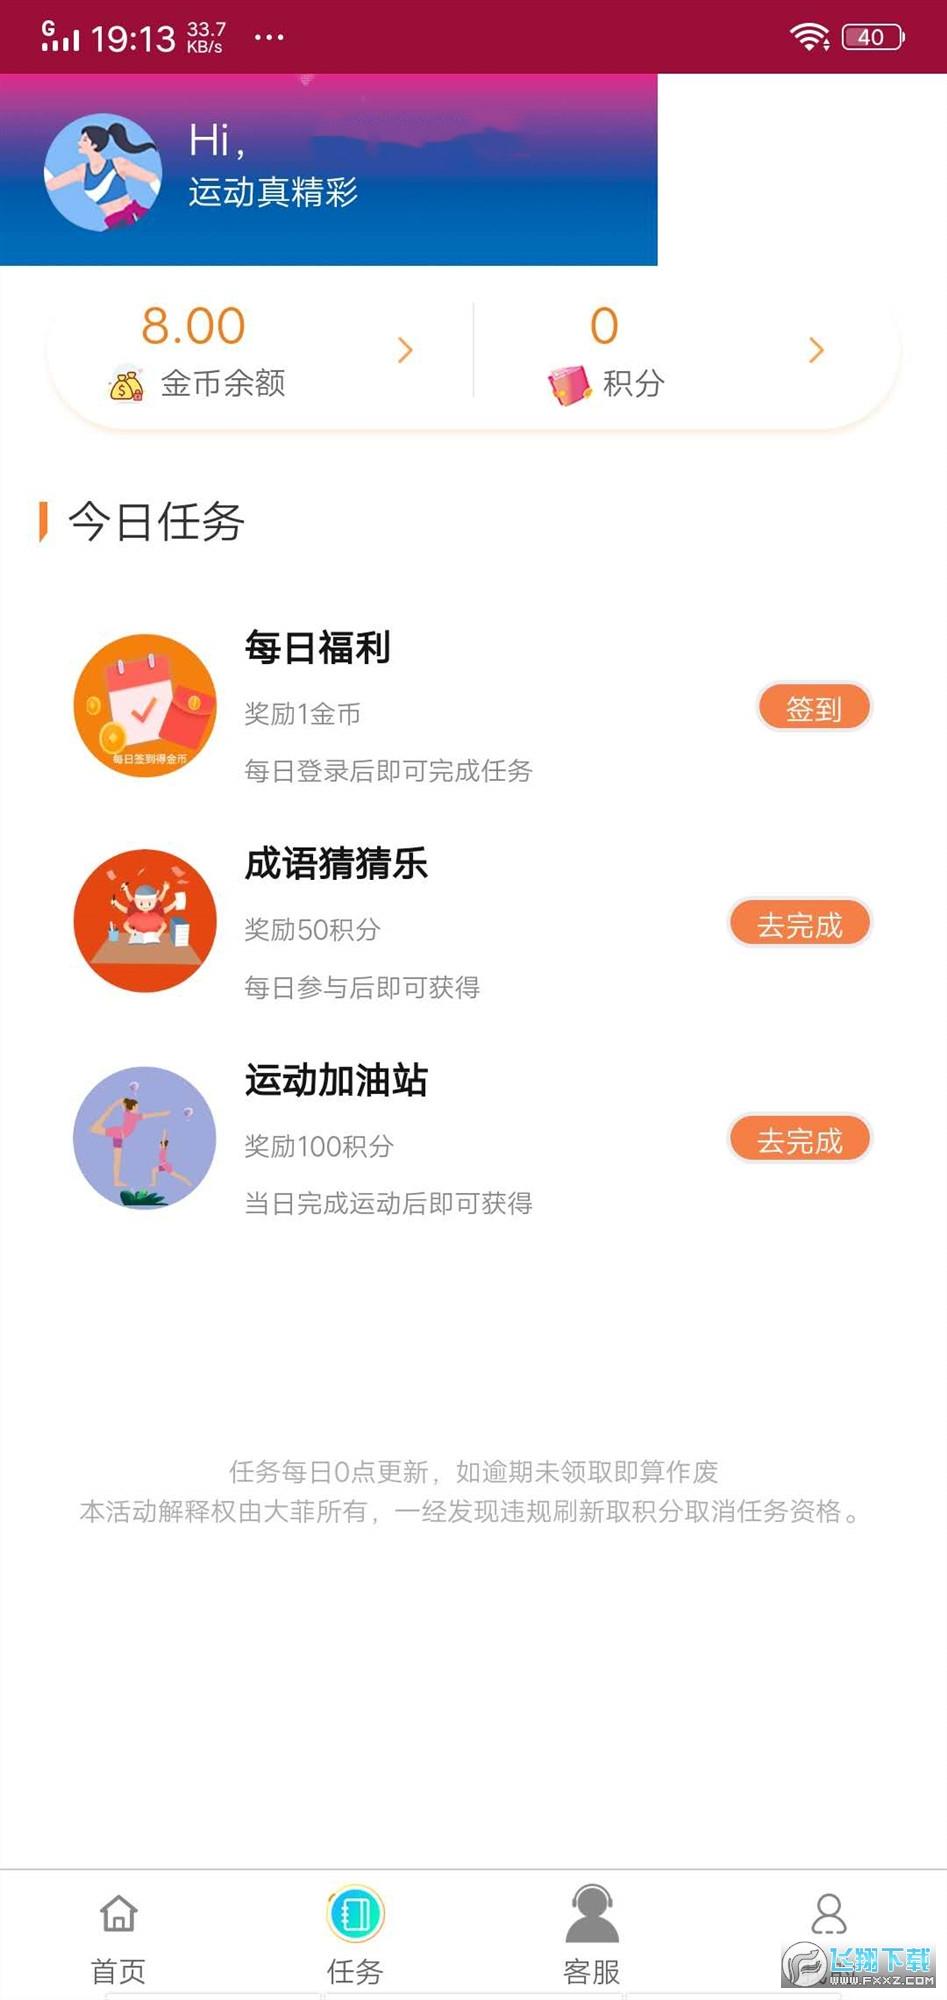 大菲手机赚钱app1.0.0最新版截图2